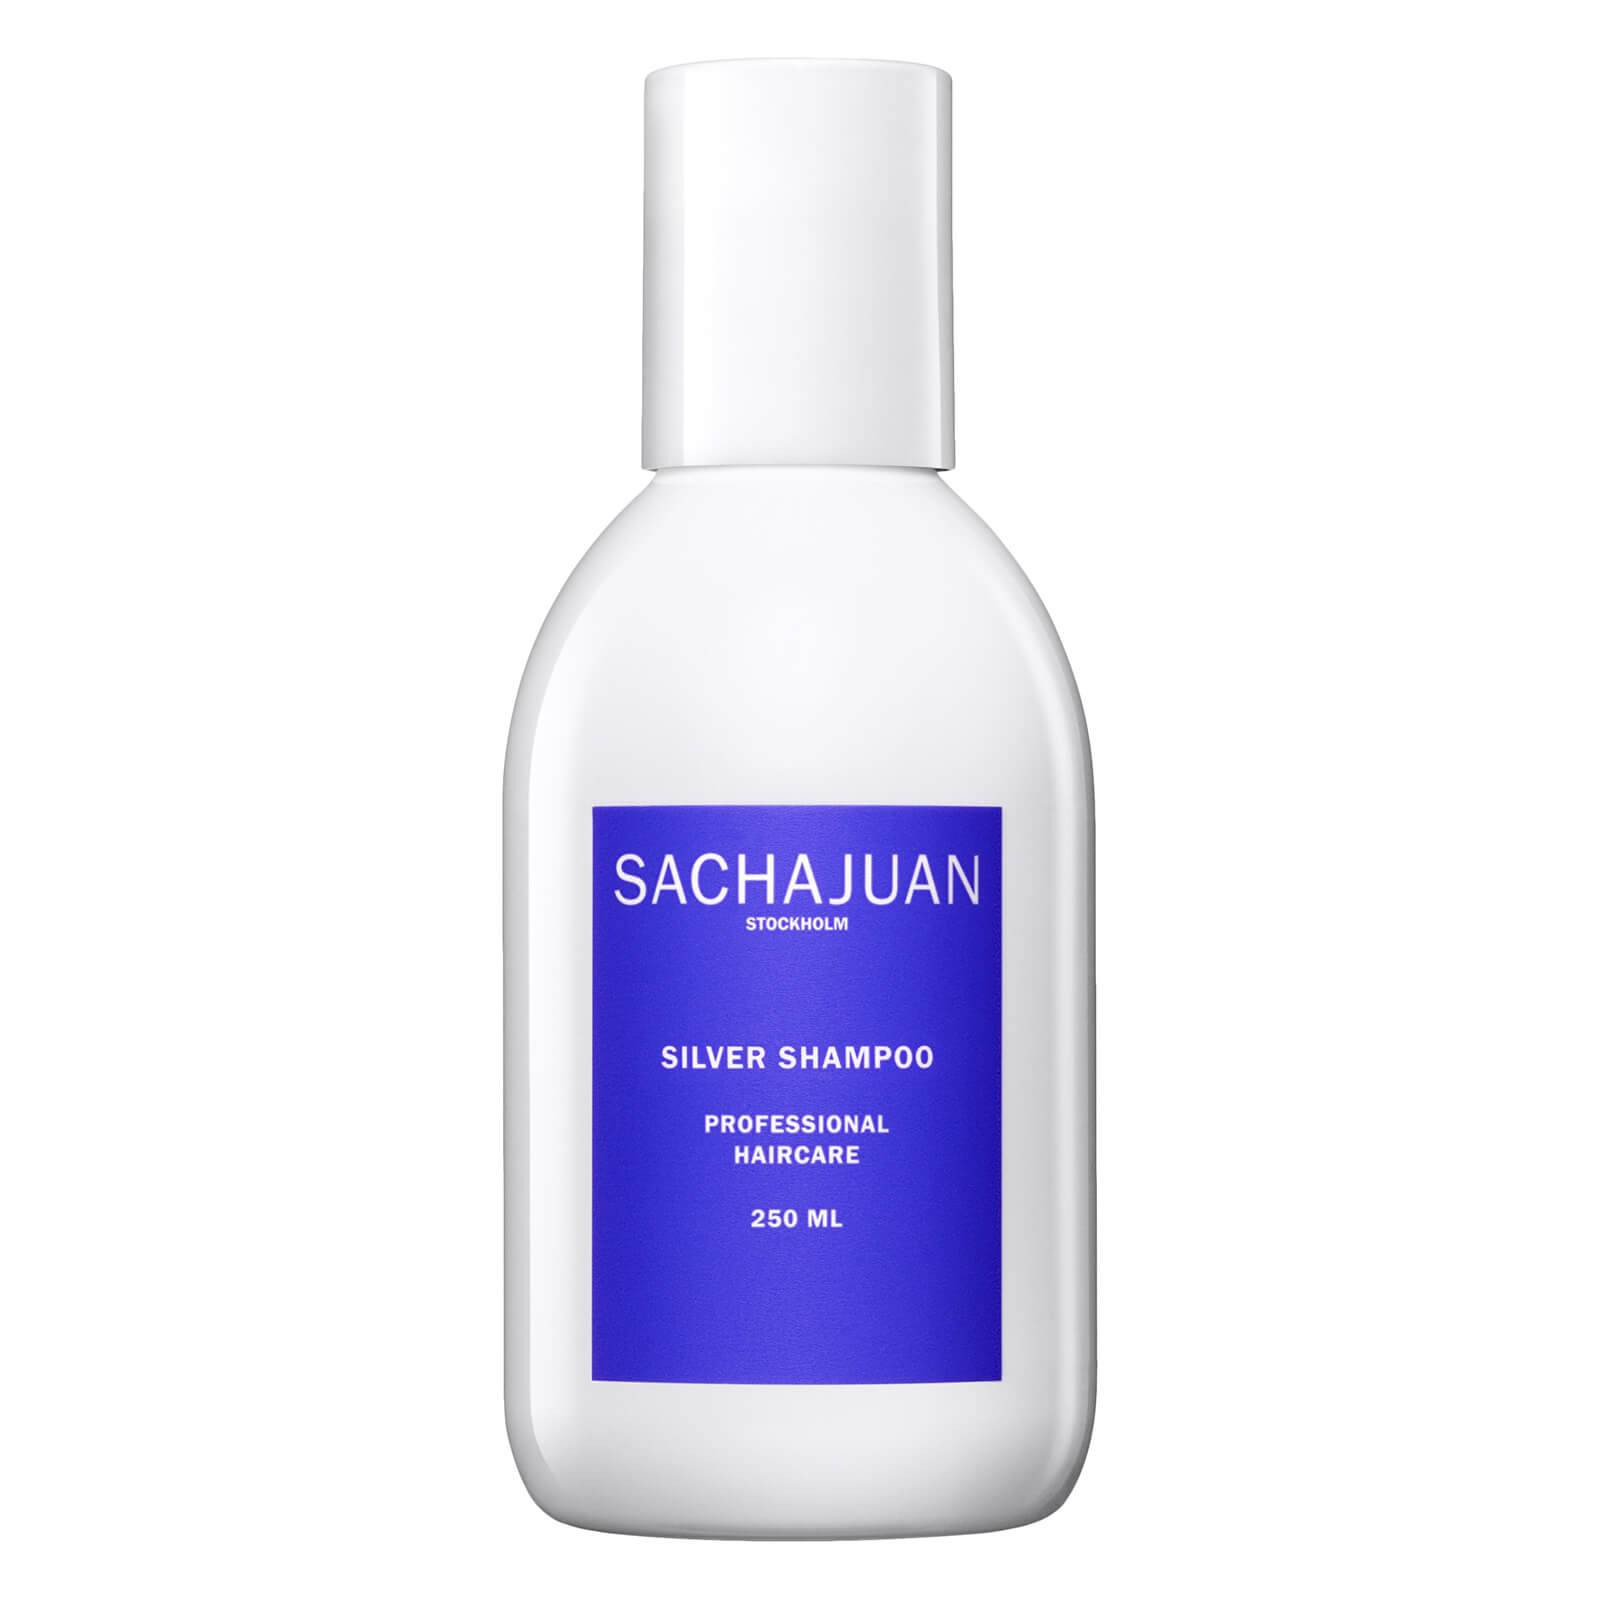 Sachajuan Shampooing Sachajuan Cheveux Argent - Silver Shampoo 250 ml